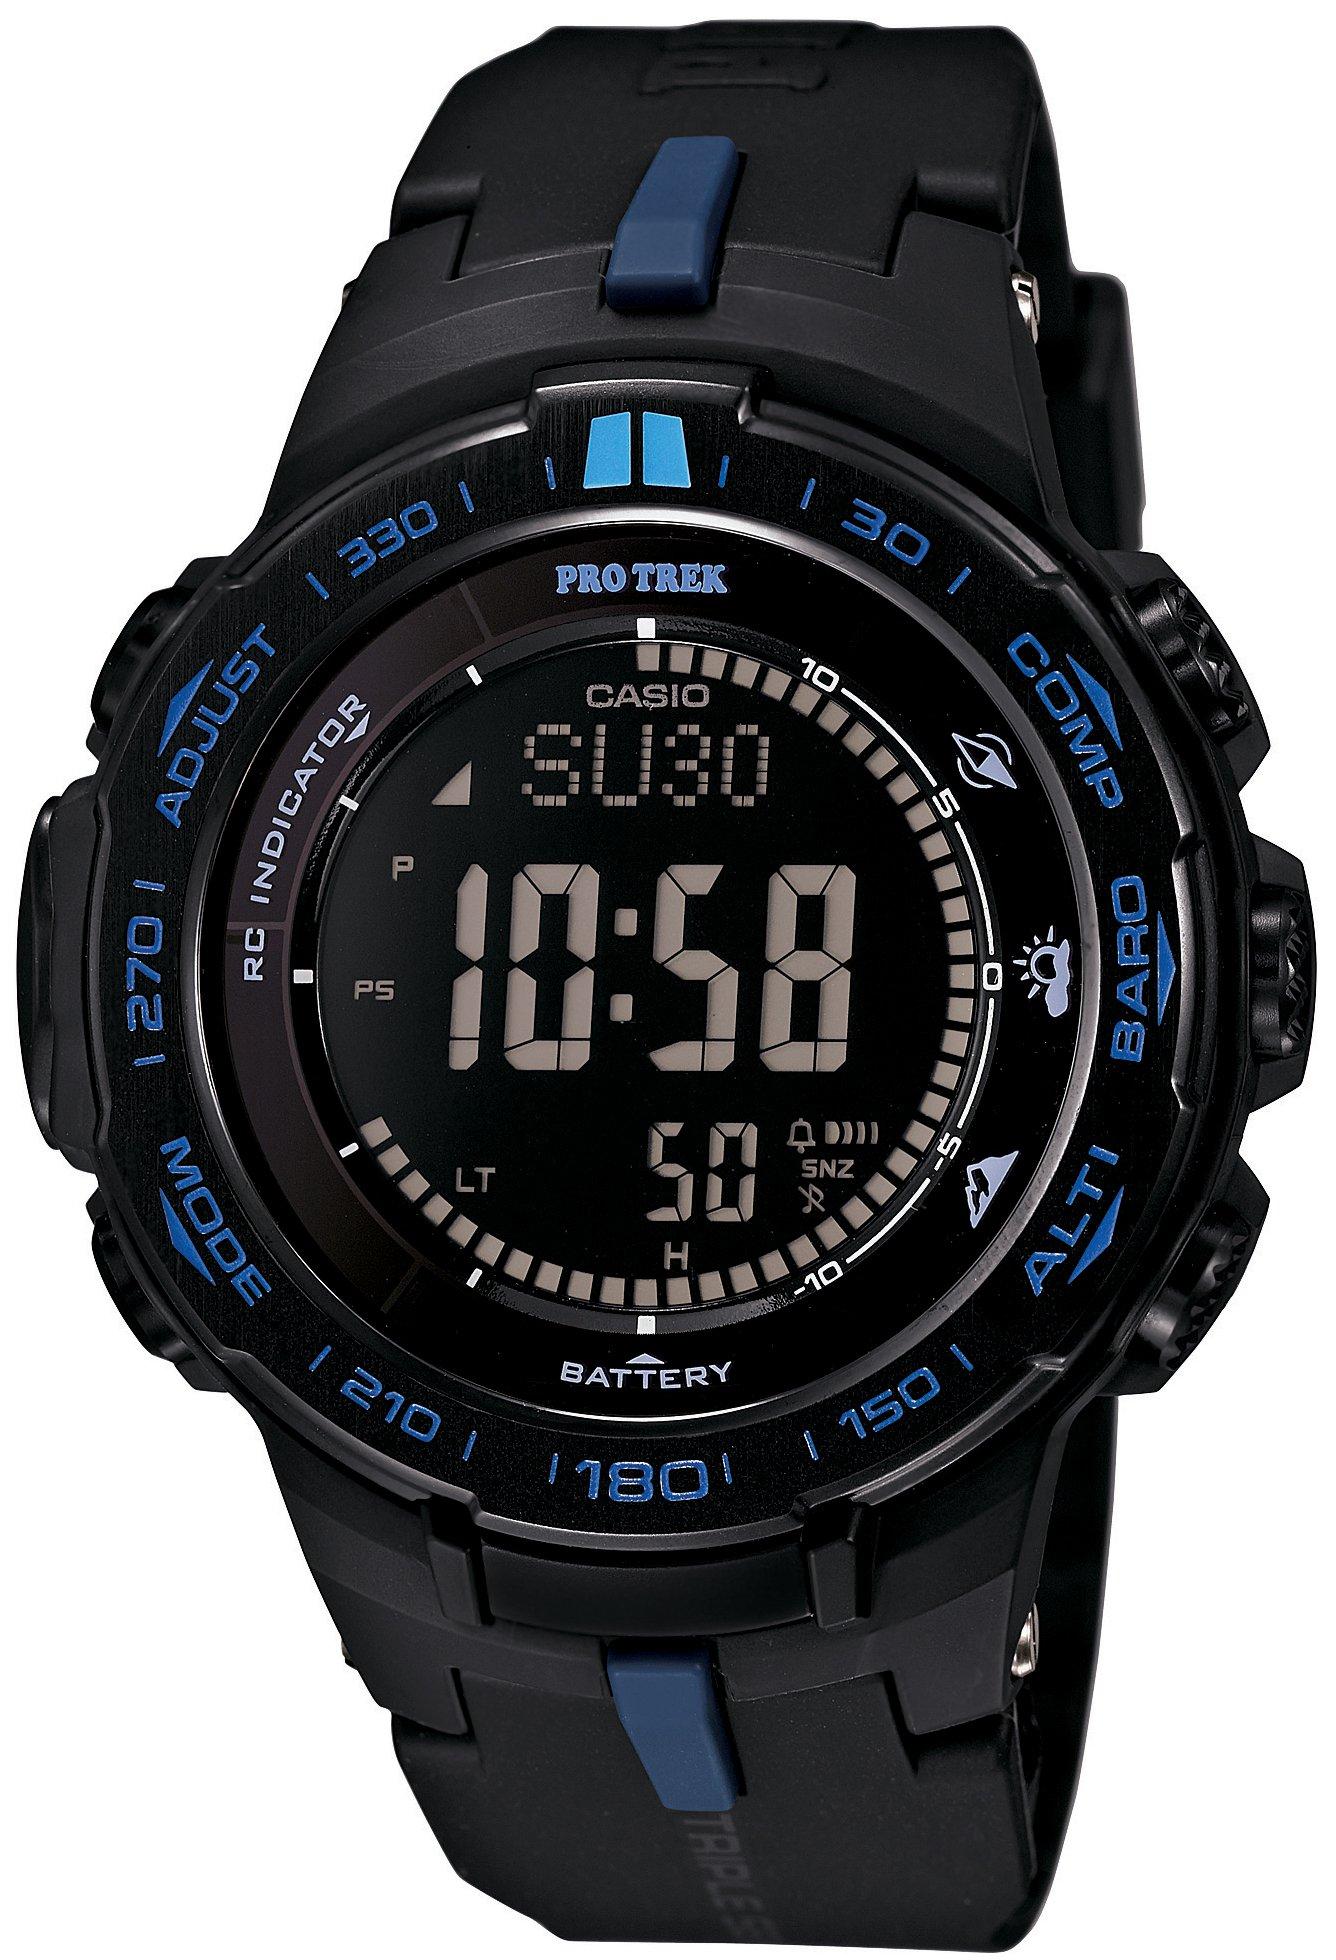 Công nghệ tiên tiến trên đồng hồ Casio Protrek